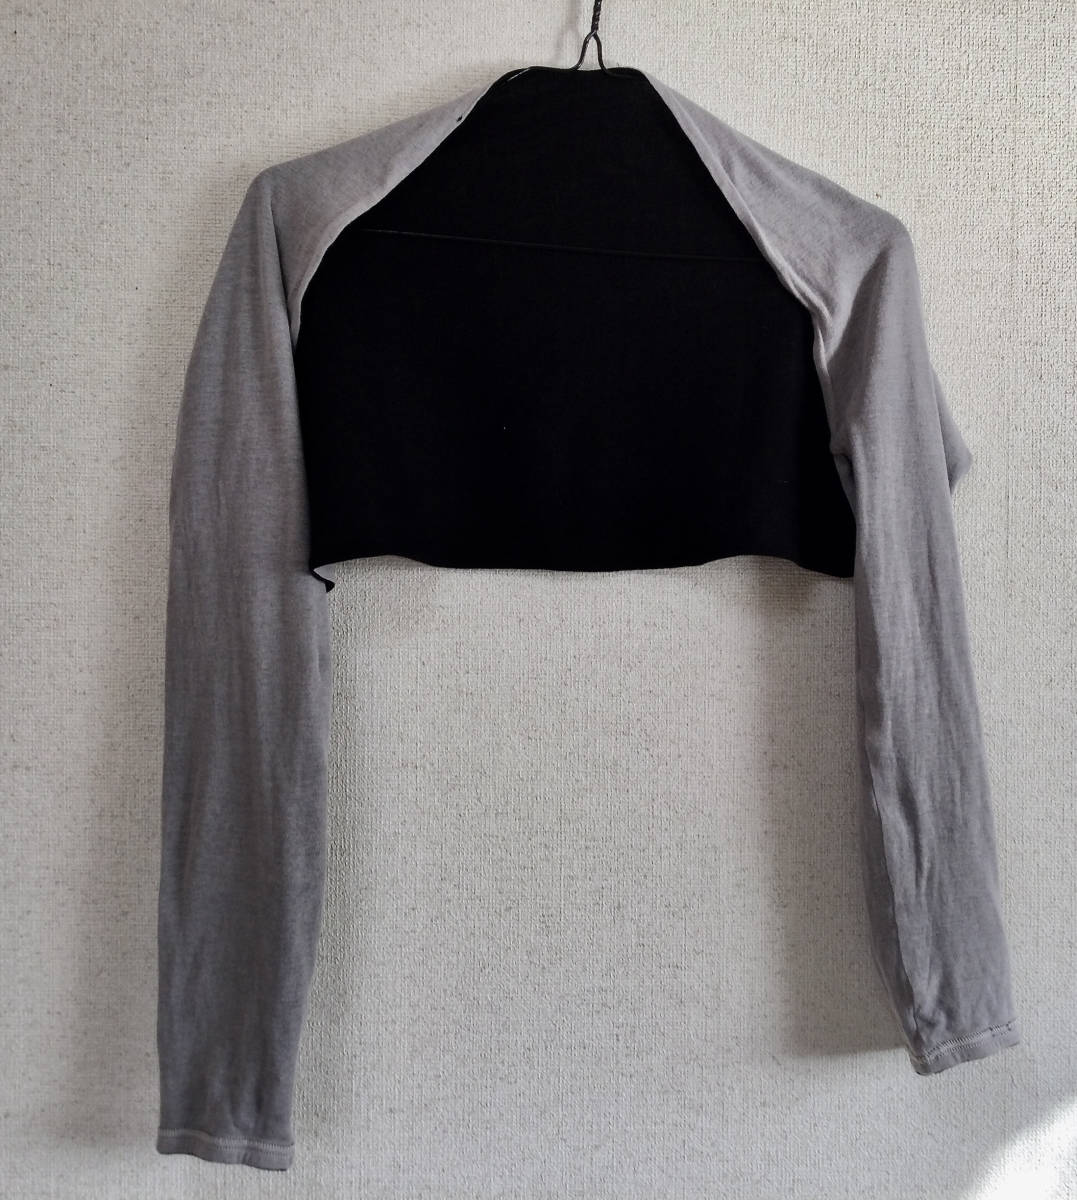 アームカバー 着るアームカバー  リバーシブル 黒xグレー_画像2